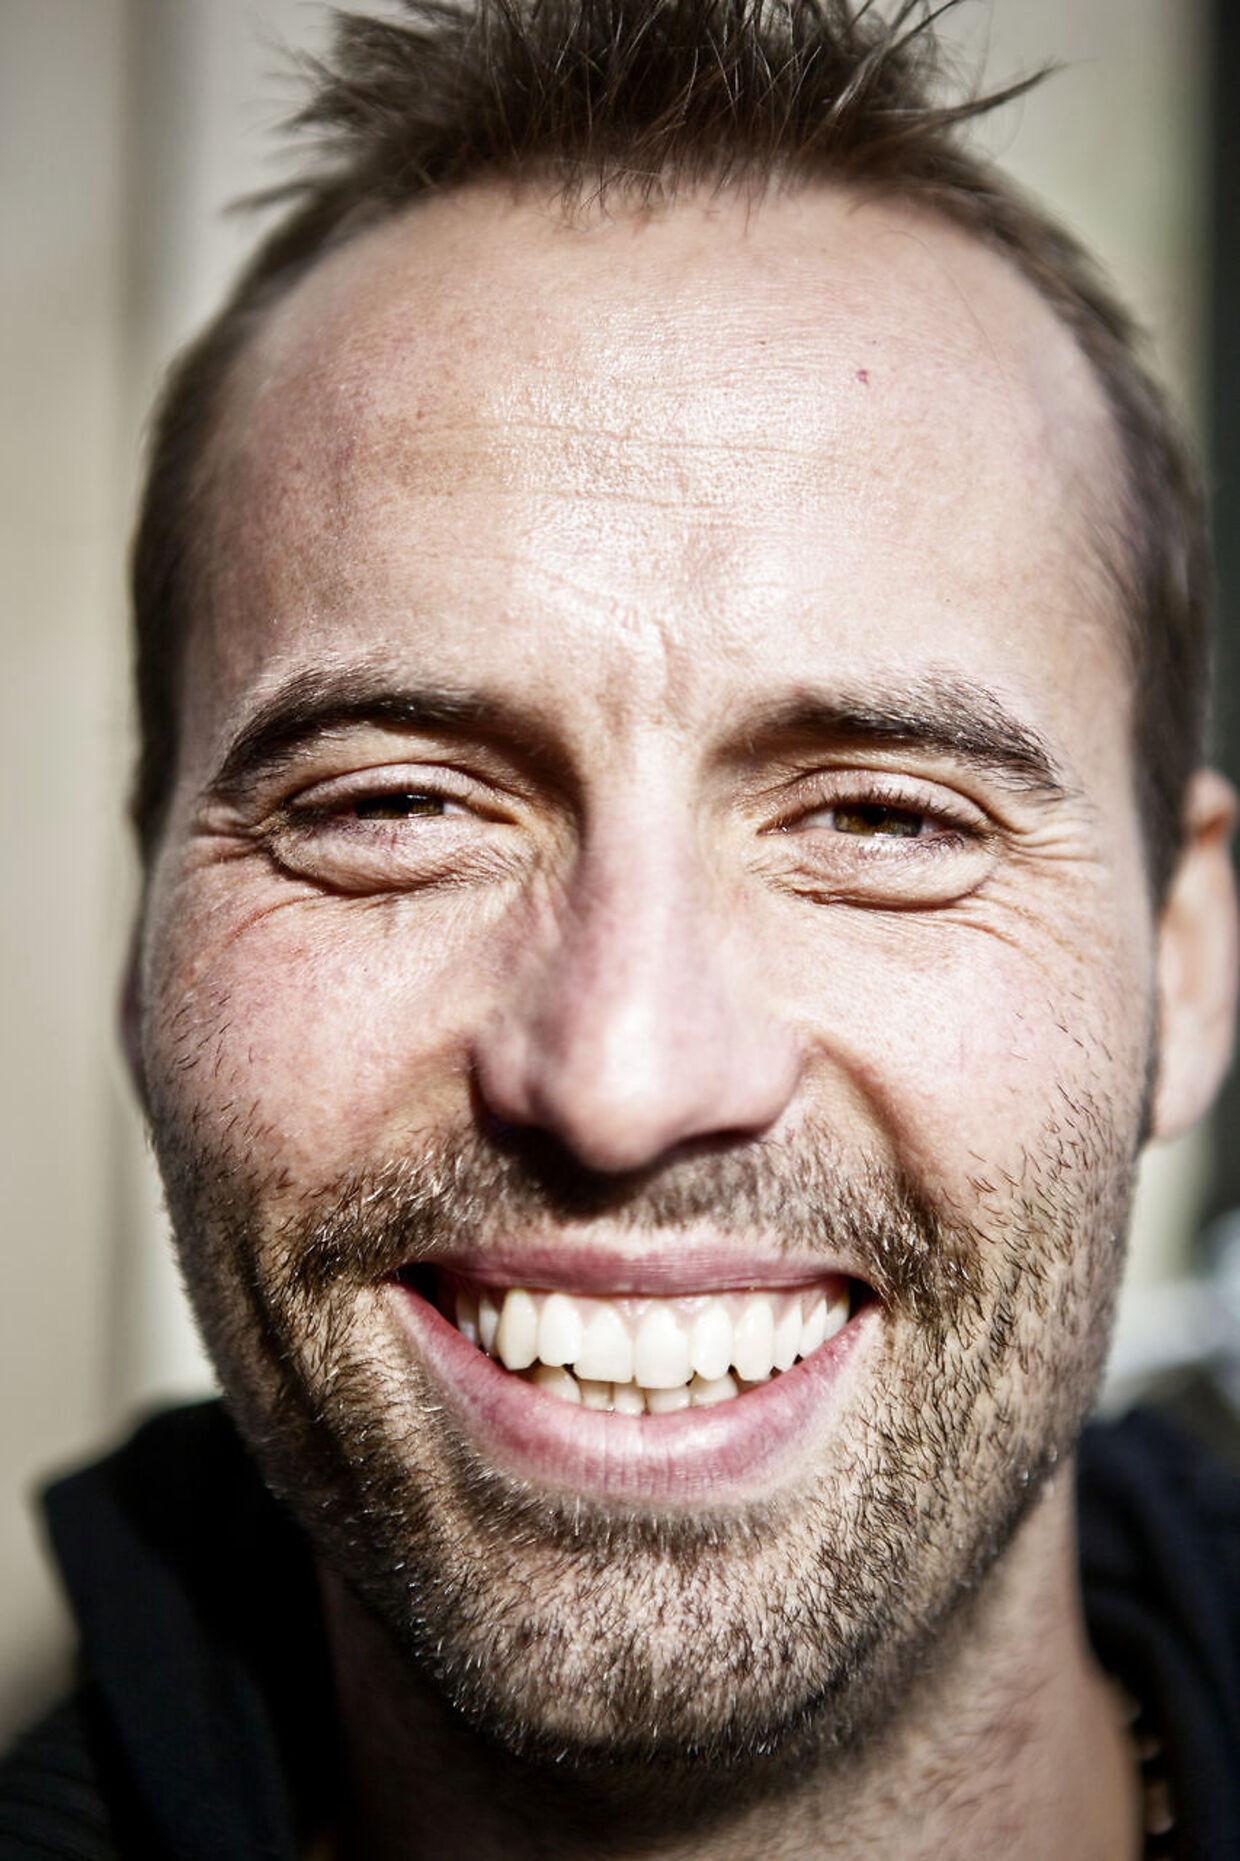 Torben Chris måtte være opfindsom, da han optrådte for 11 personer i Randers i lørdags.